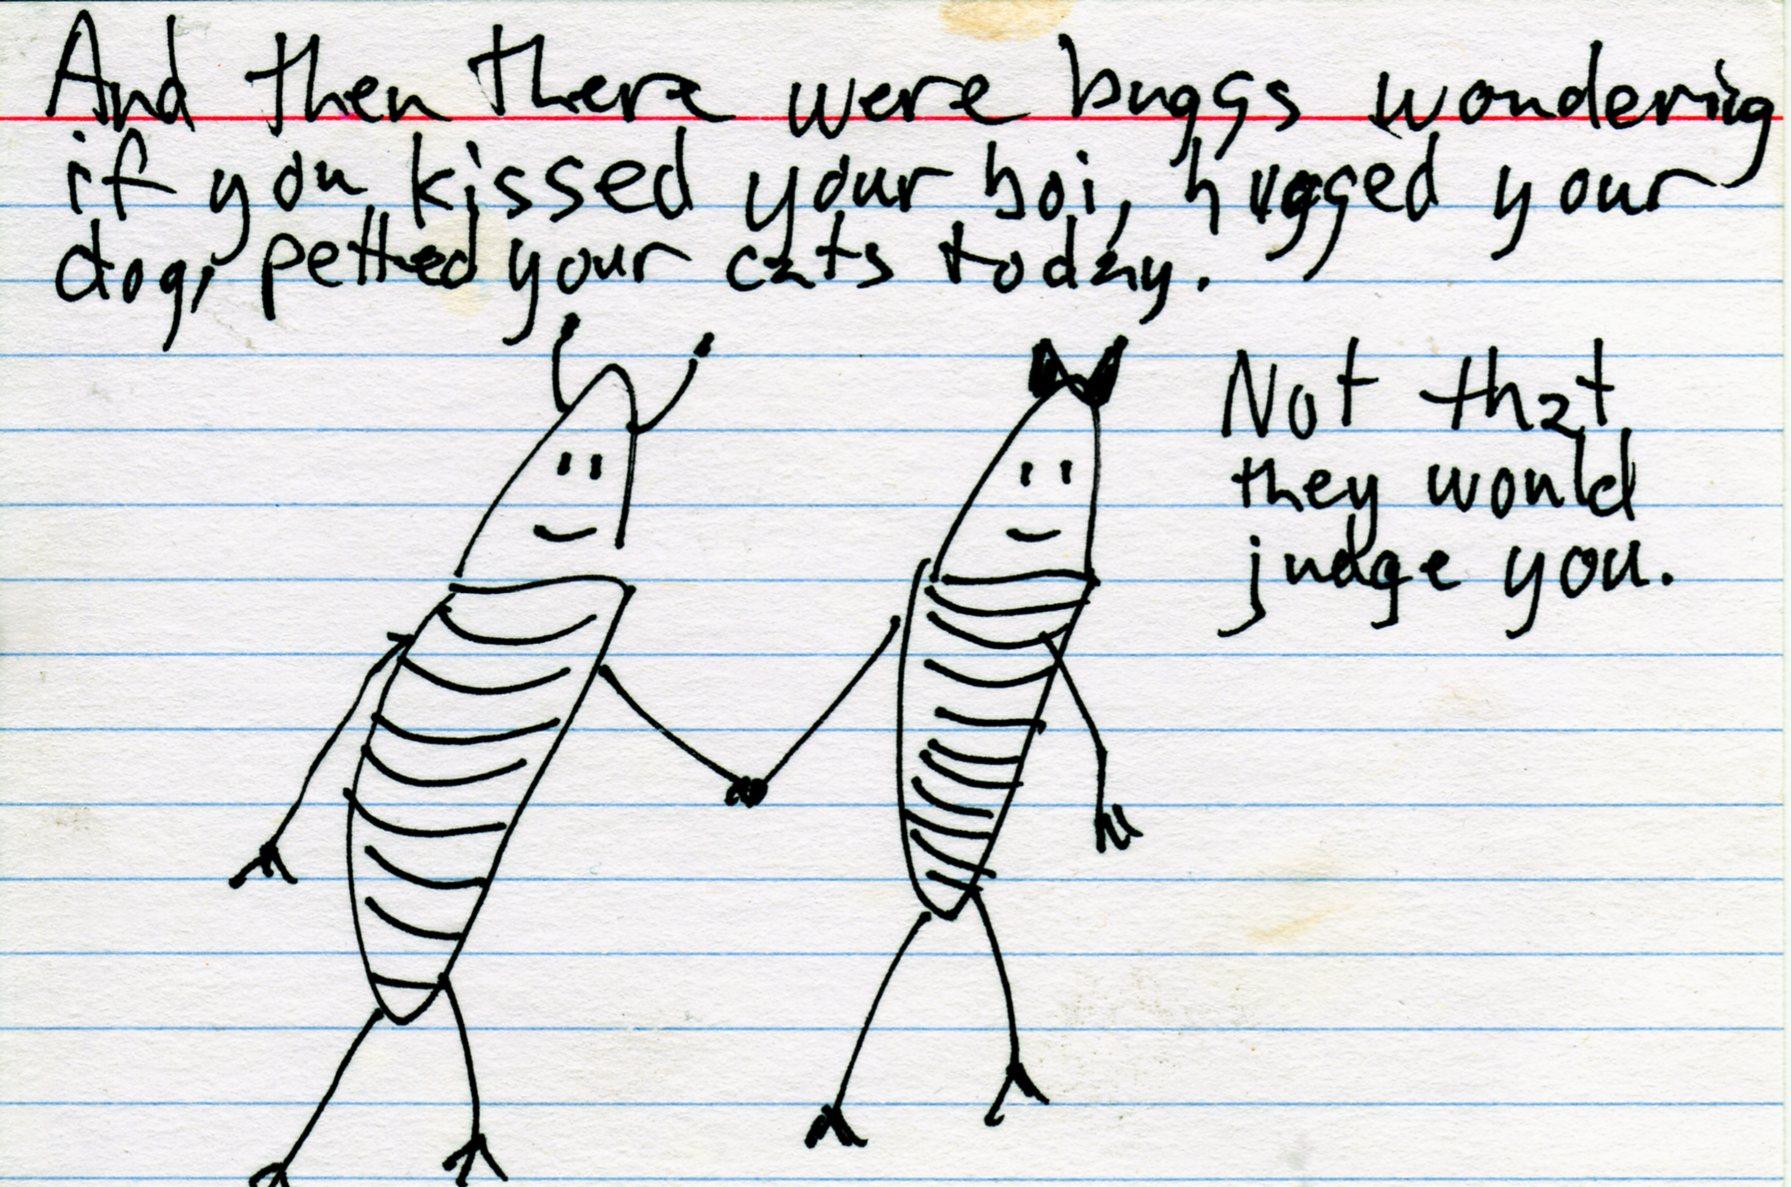 judging me